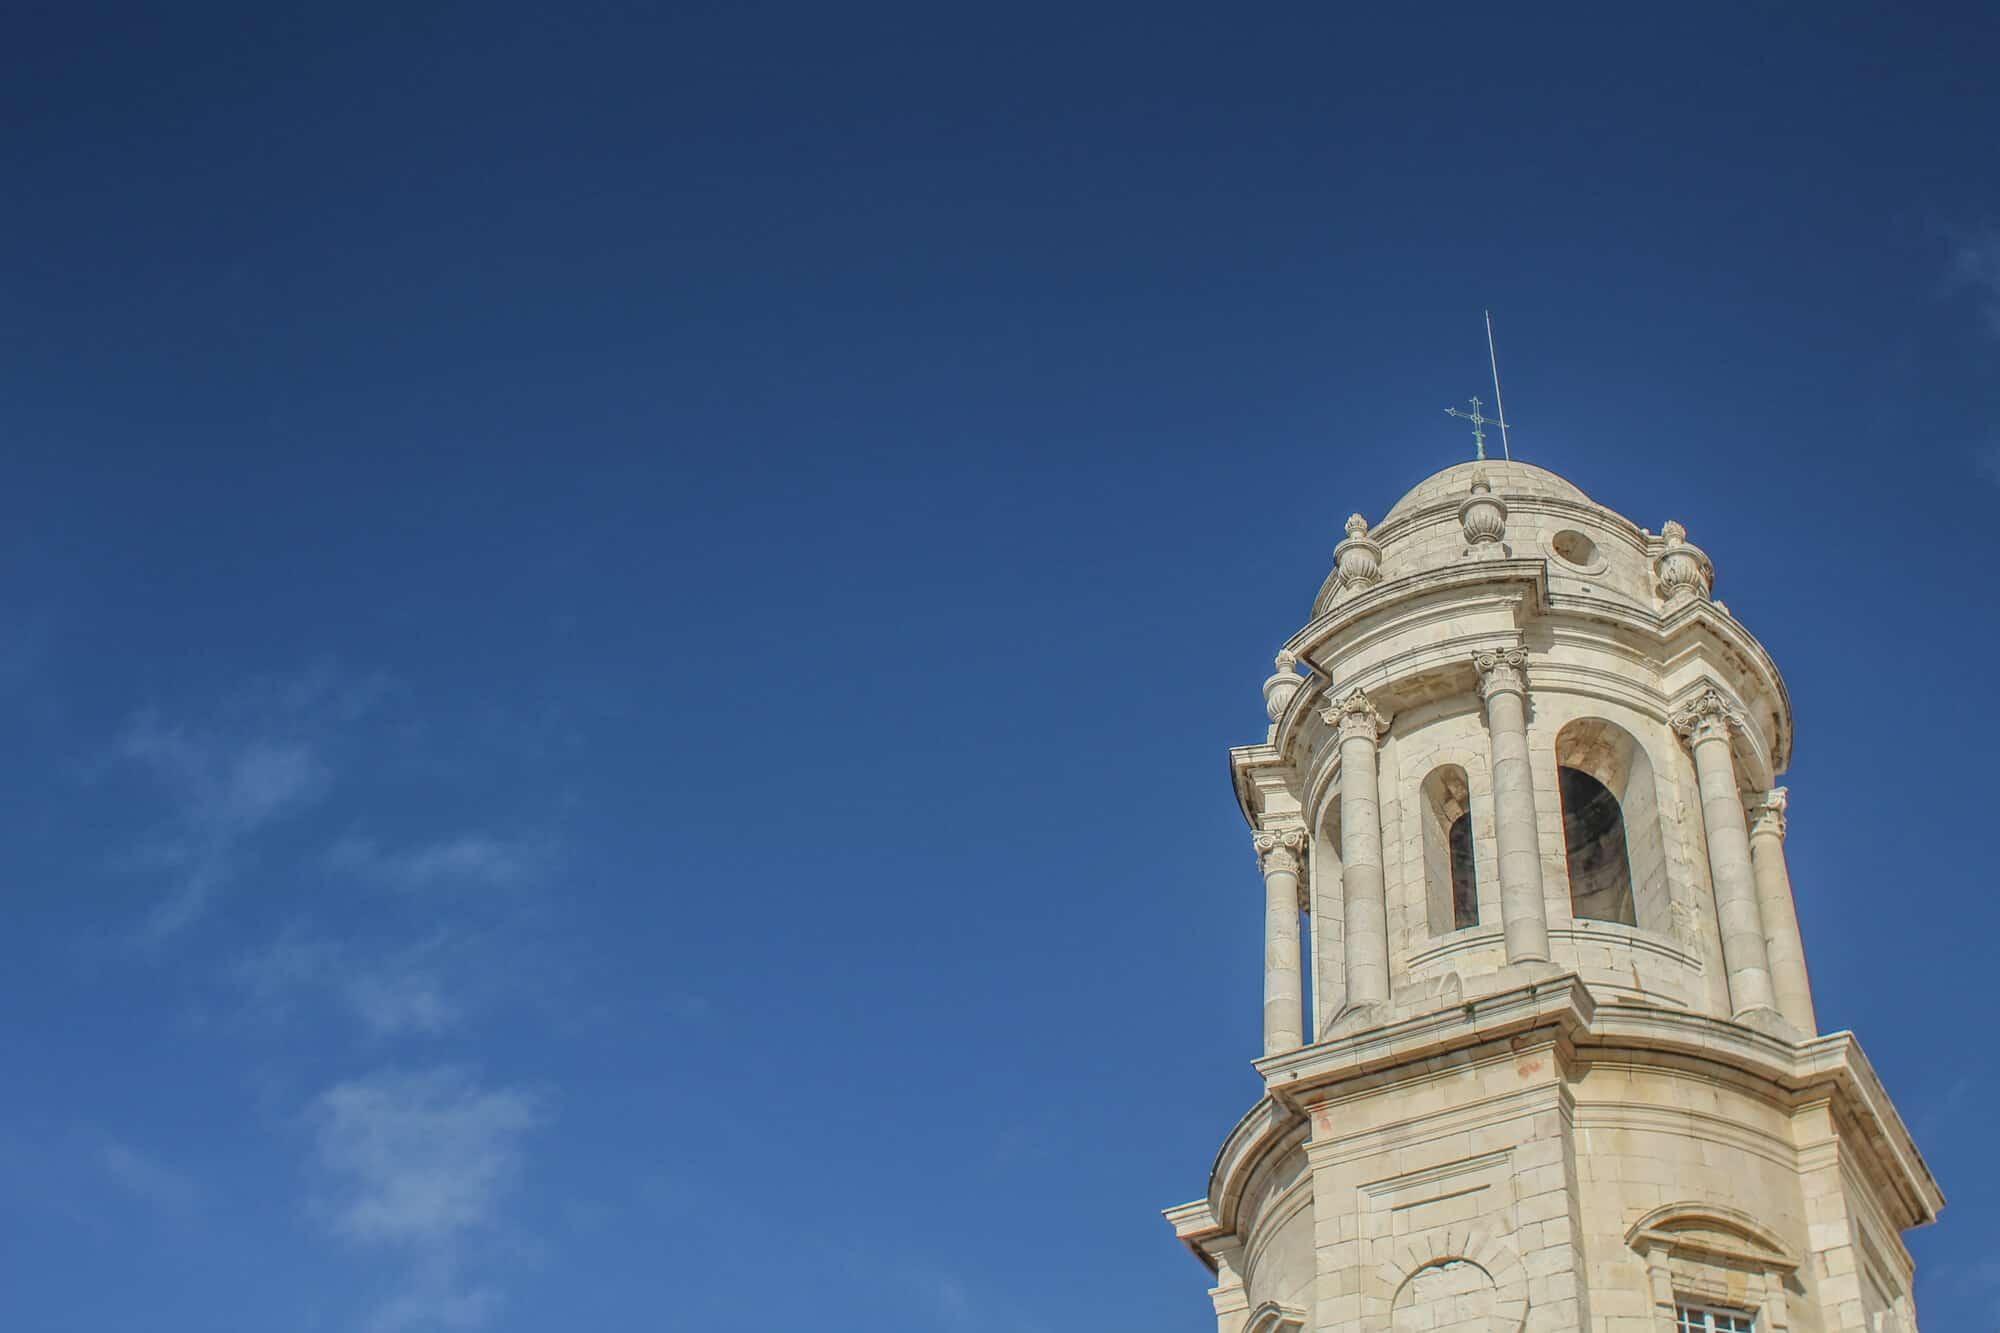 Kuppel Cadiz